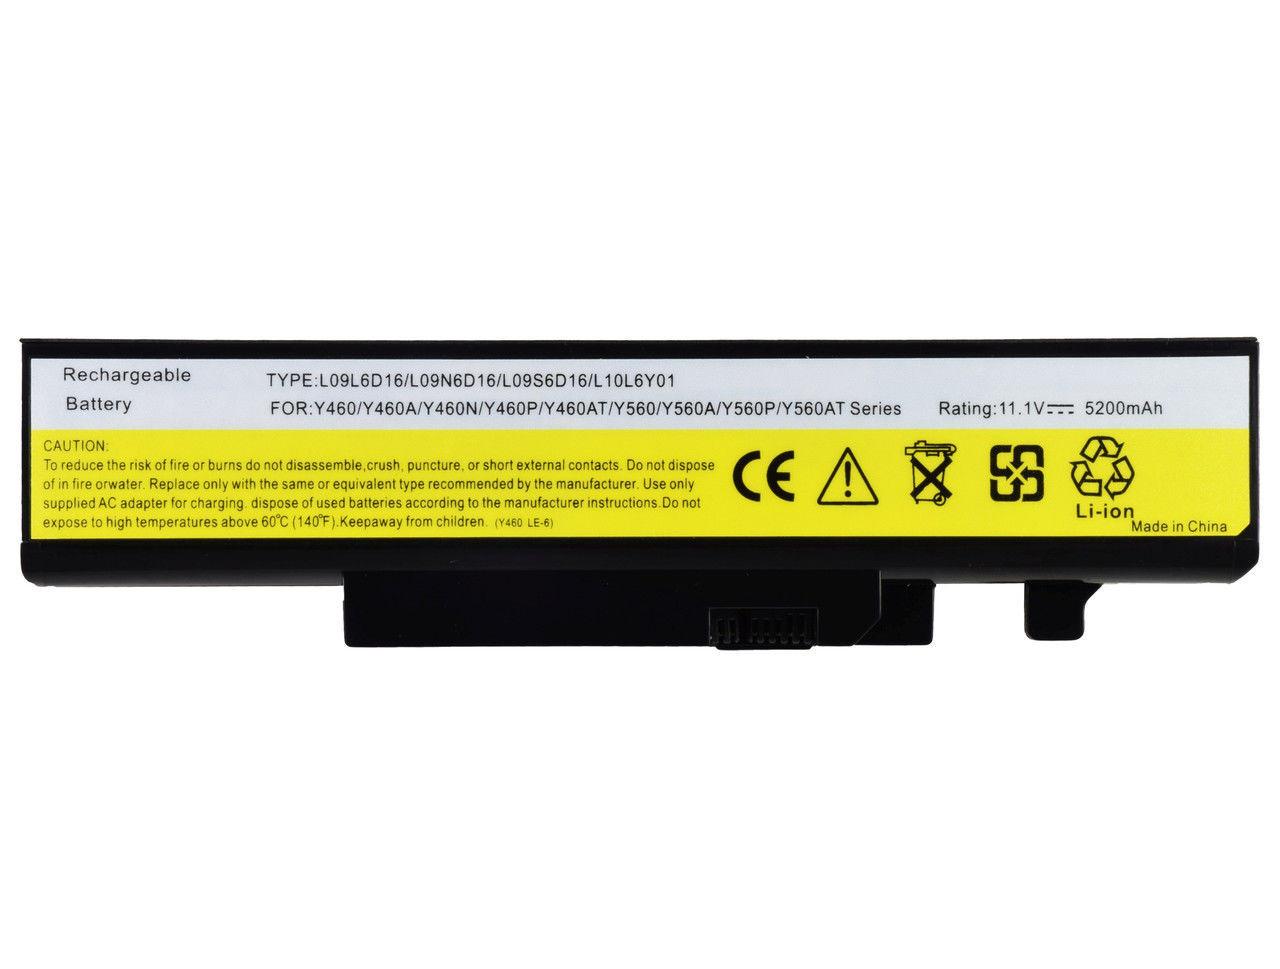 Батарея для ноутбука LENOVO L09L6D16 L09S6D16 L10L6Y01 LENOVO 121000916 121000917 121000918 57Y6440